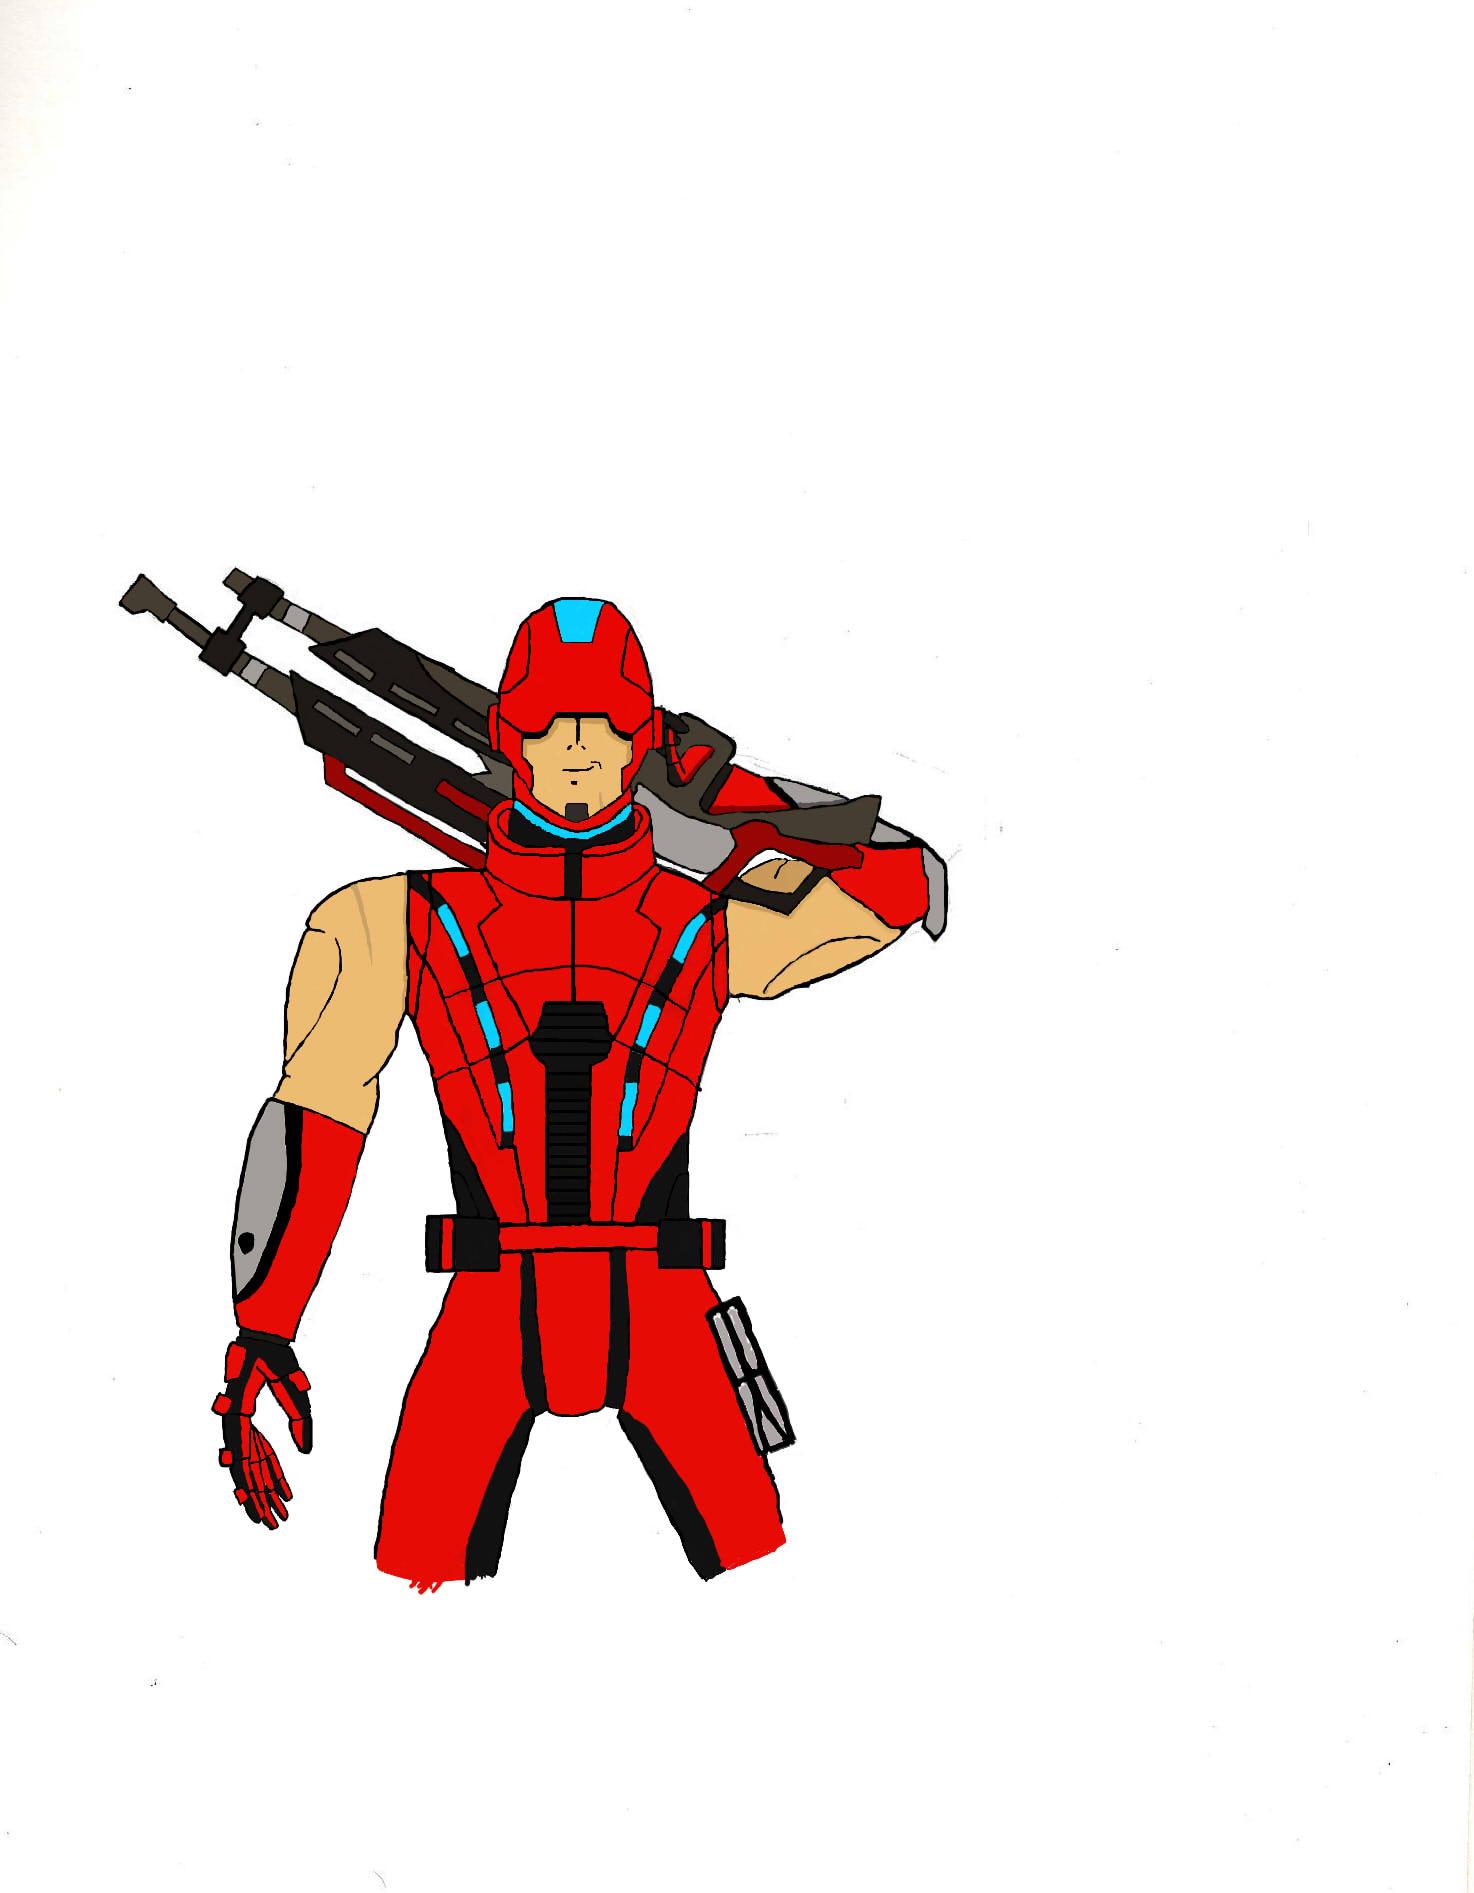 Cmdr. Juggernaut Shepard